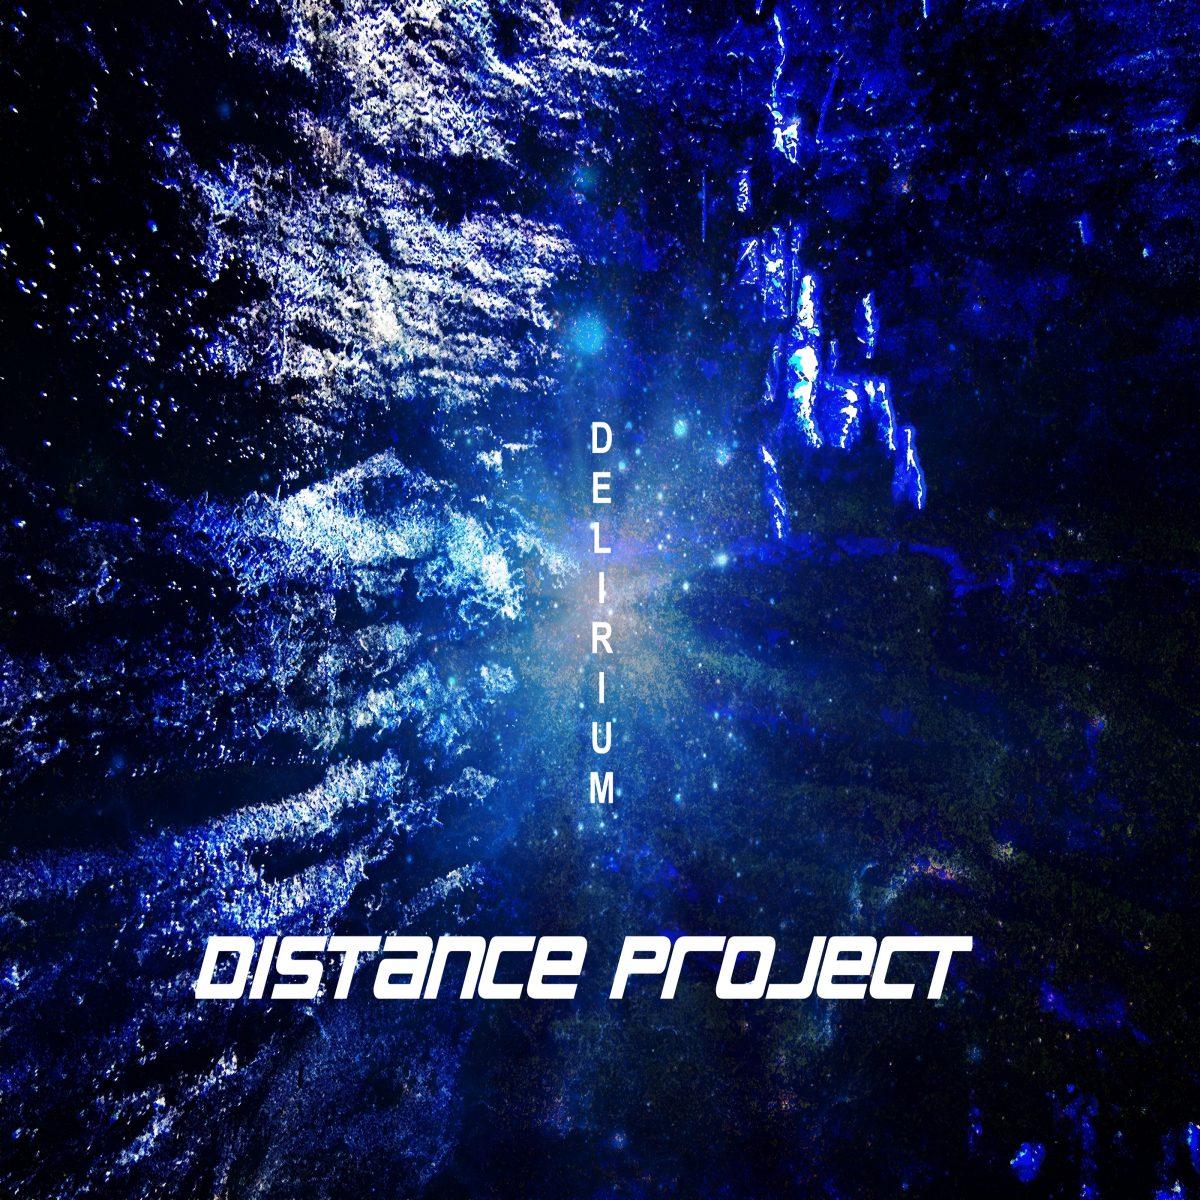 Distance Project – Delirium